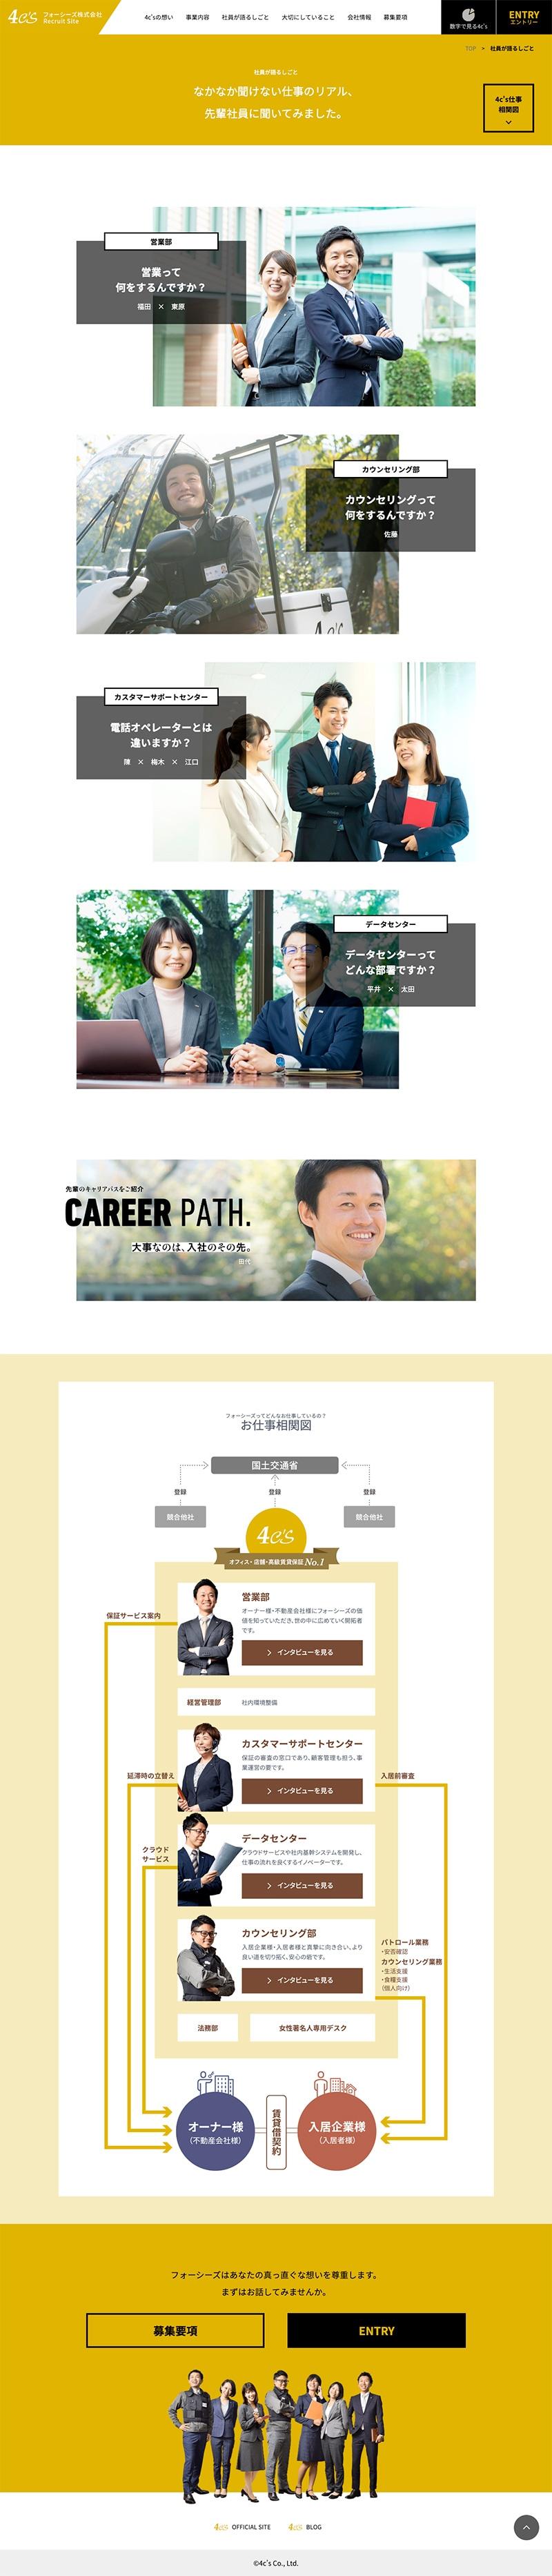 フォーシーズ株式会社様・採用サイト